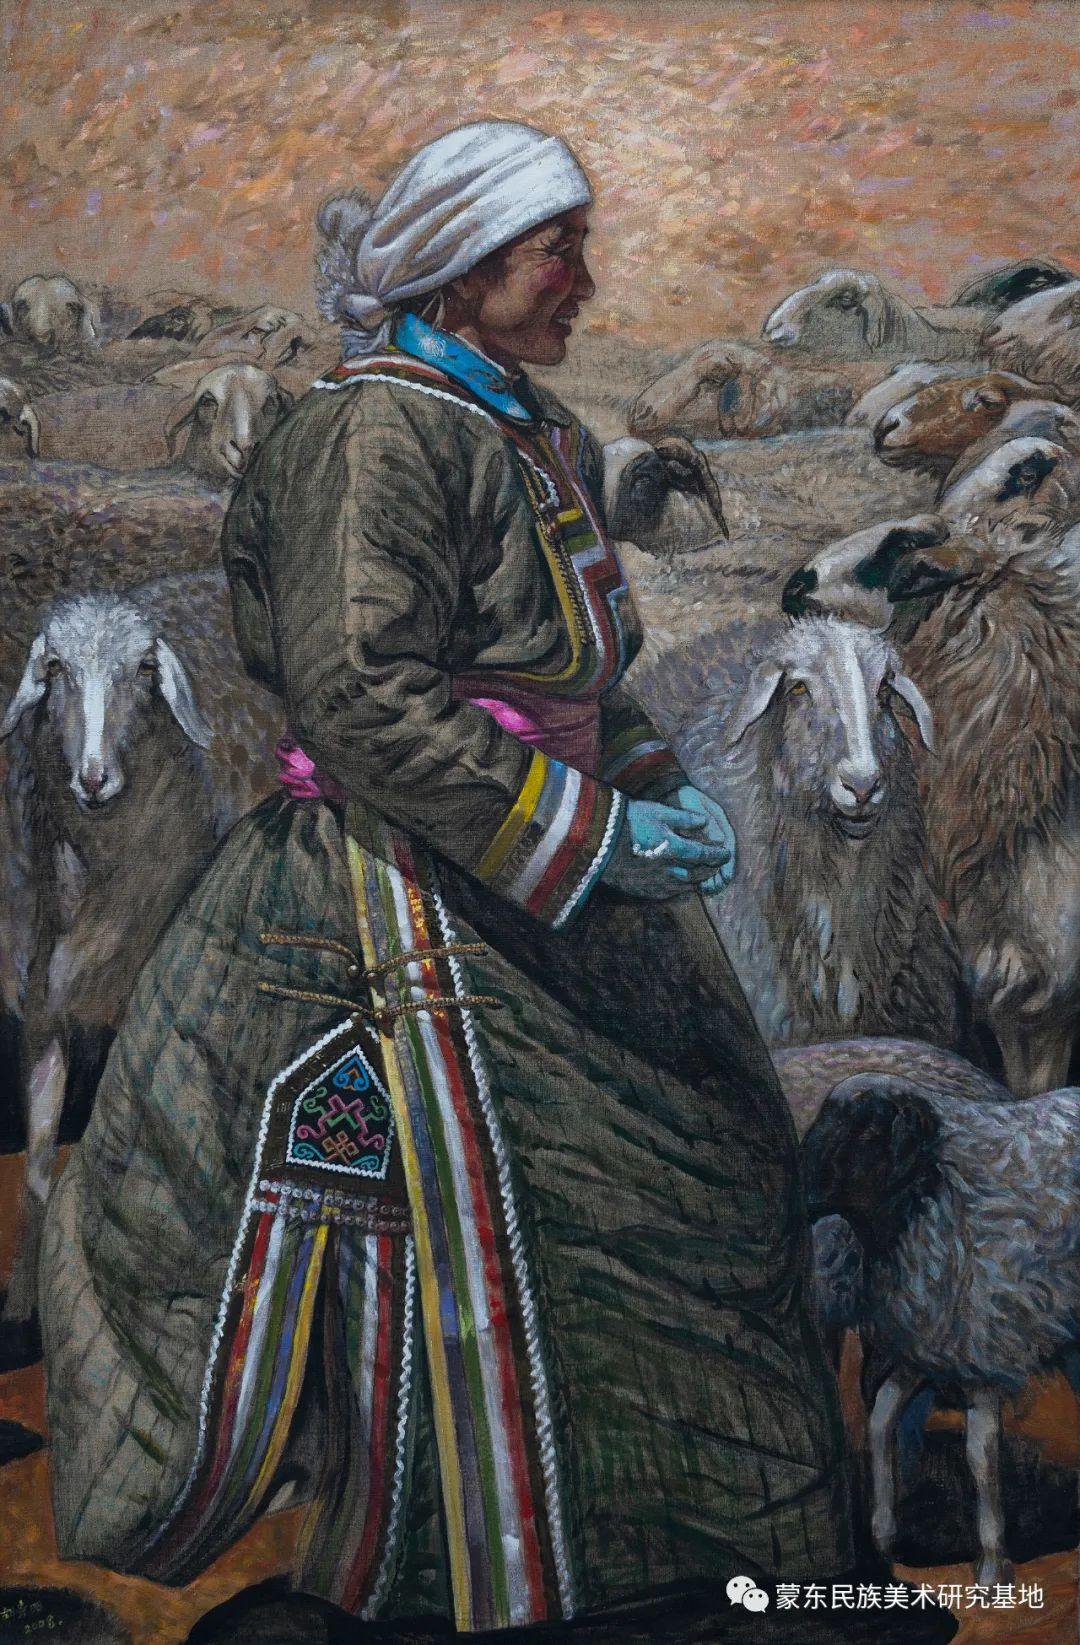 科尔沁首届油画展作品集 第10张 科尔沁首届油画展作品集 蒙古画廊